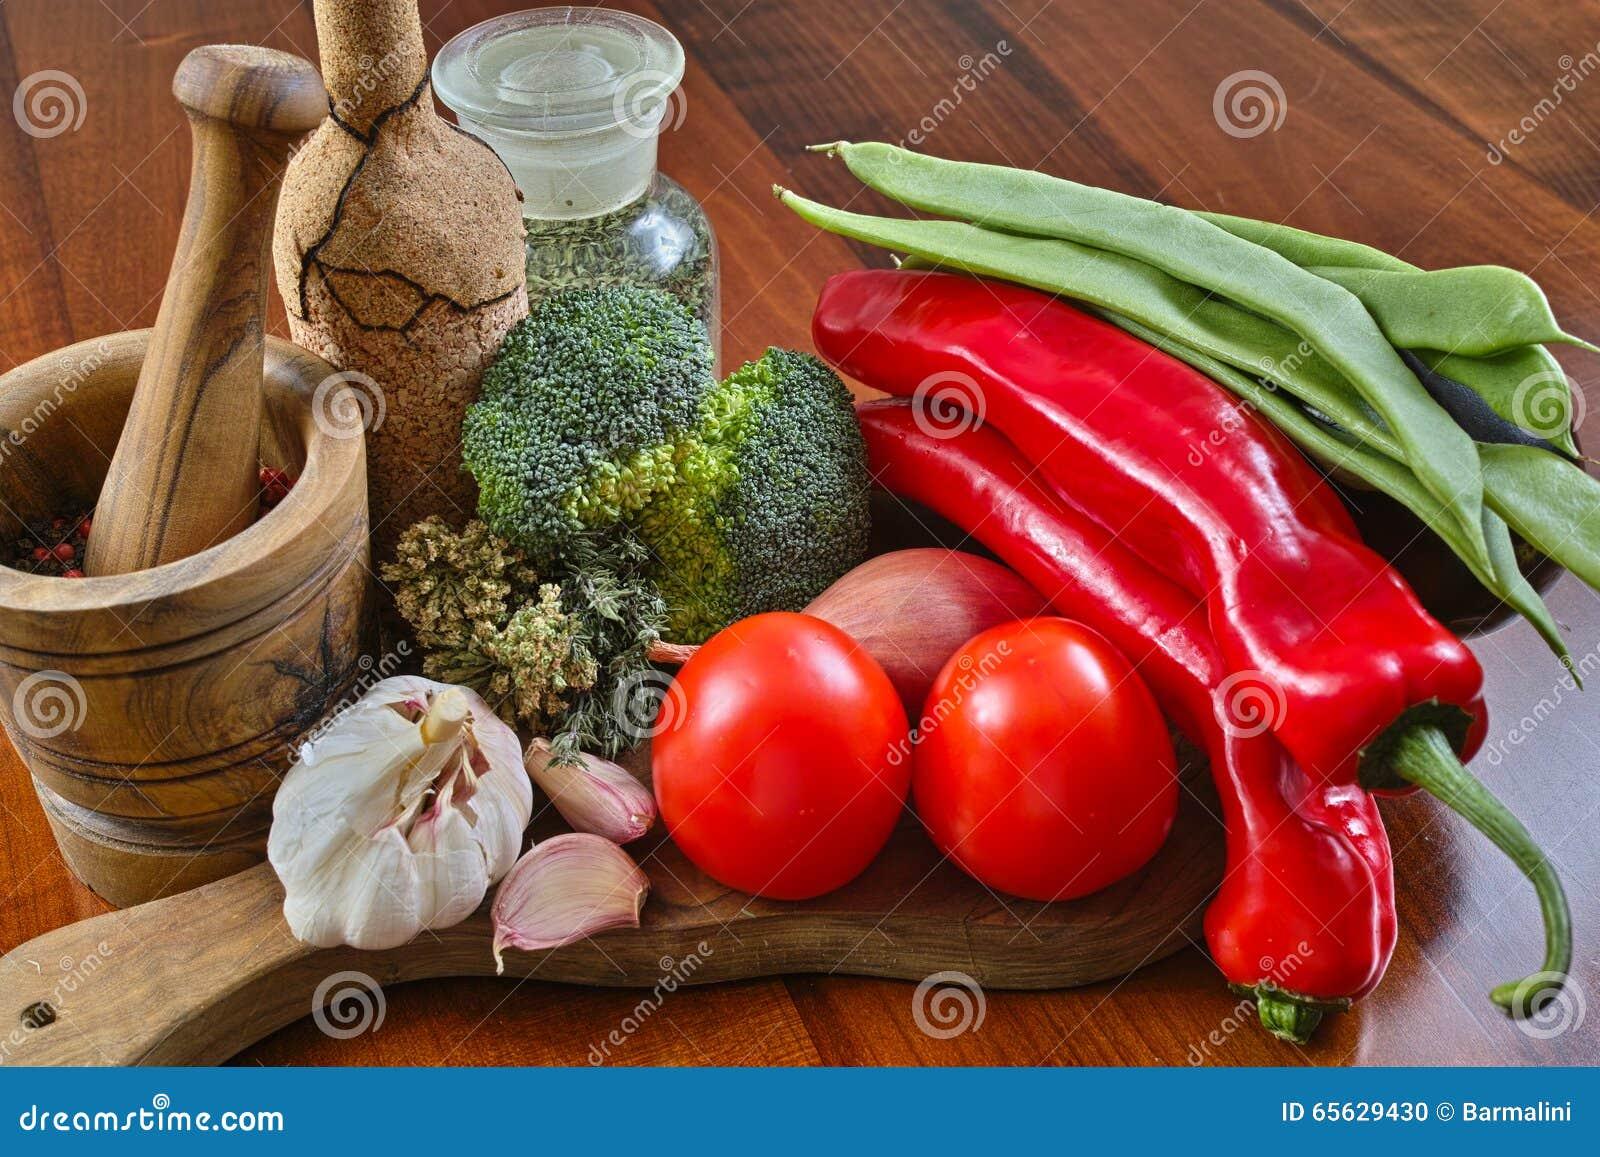 玻璃瓶用香料,黄柏瓶,橄榄色的木灰浆,红色和绿色菜,硬花甘蓝,蕃茄,大蒜,葱